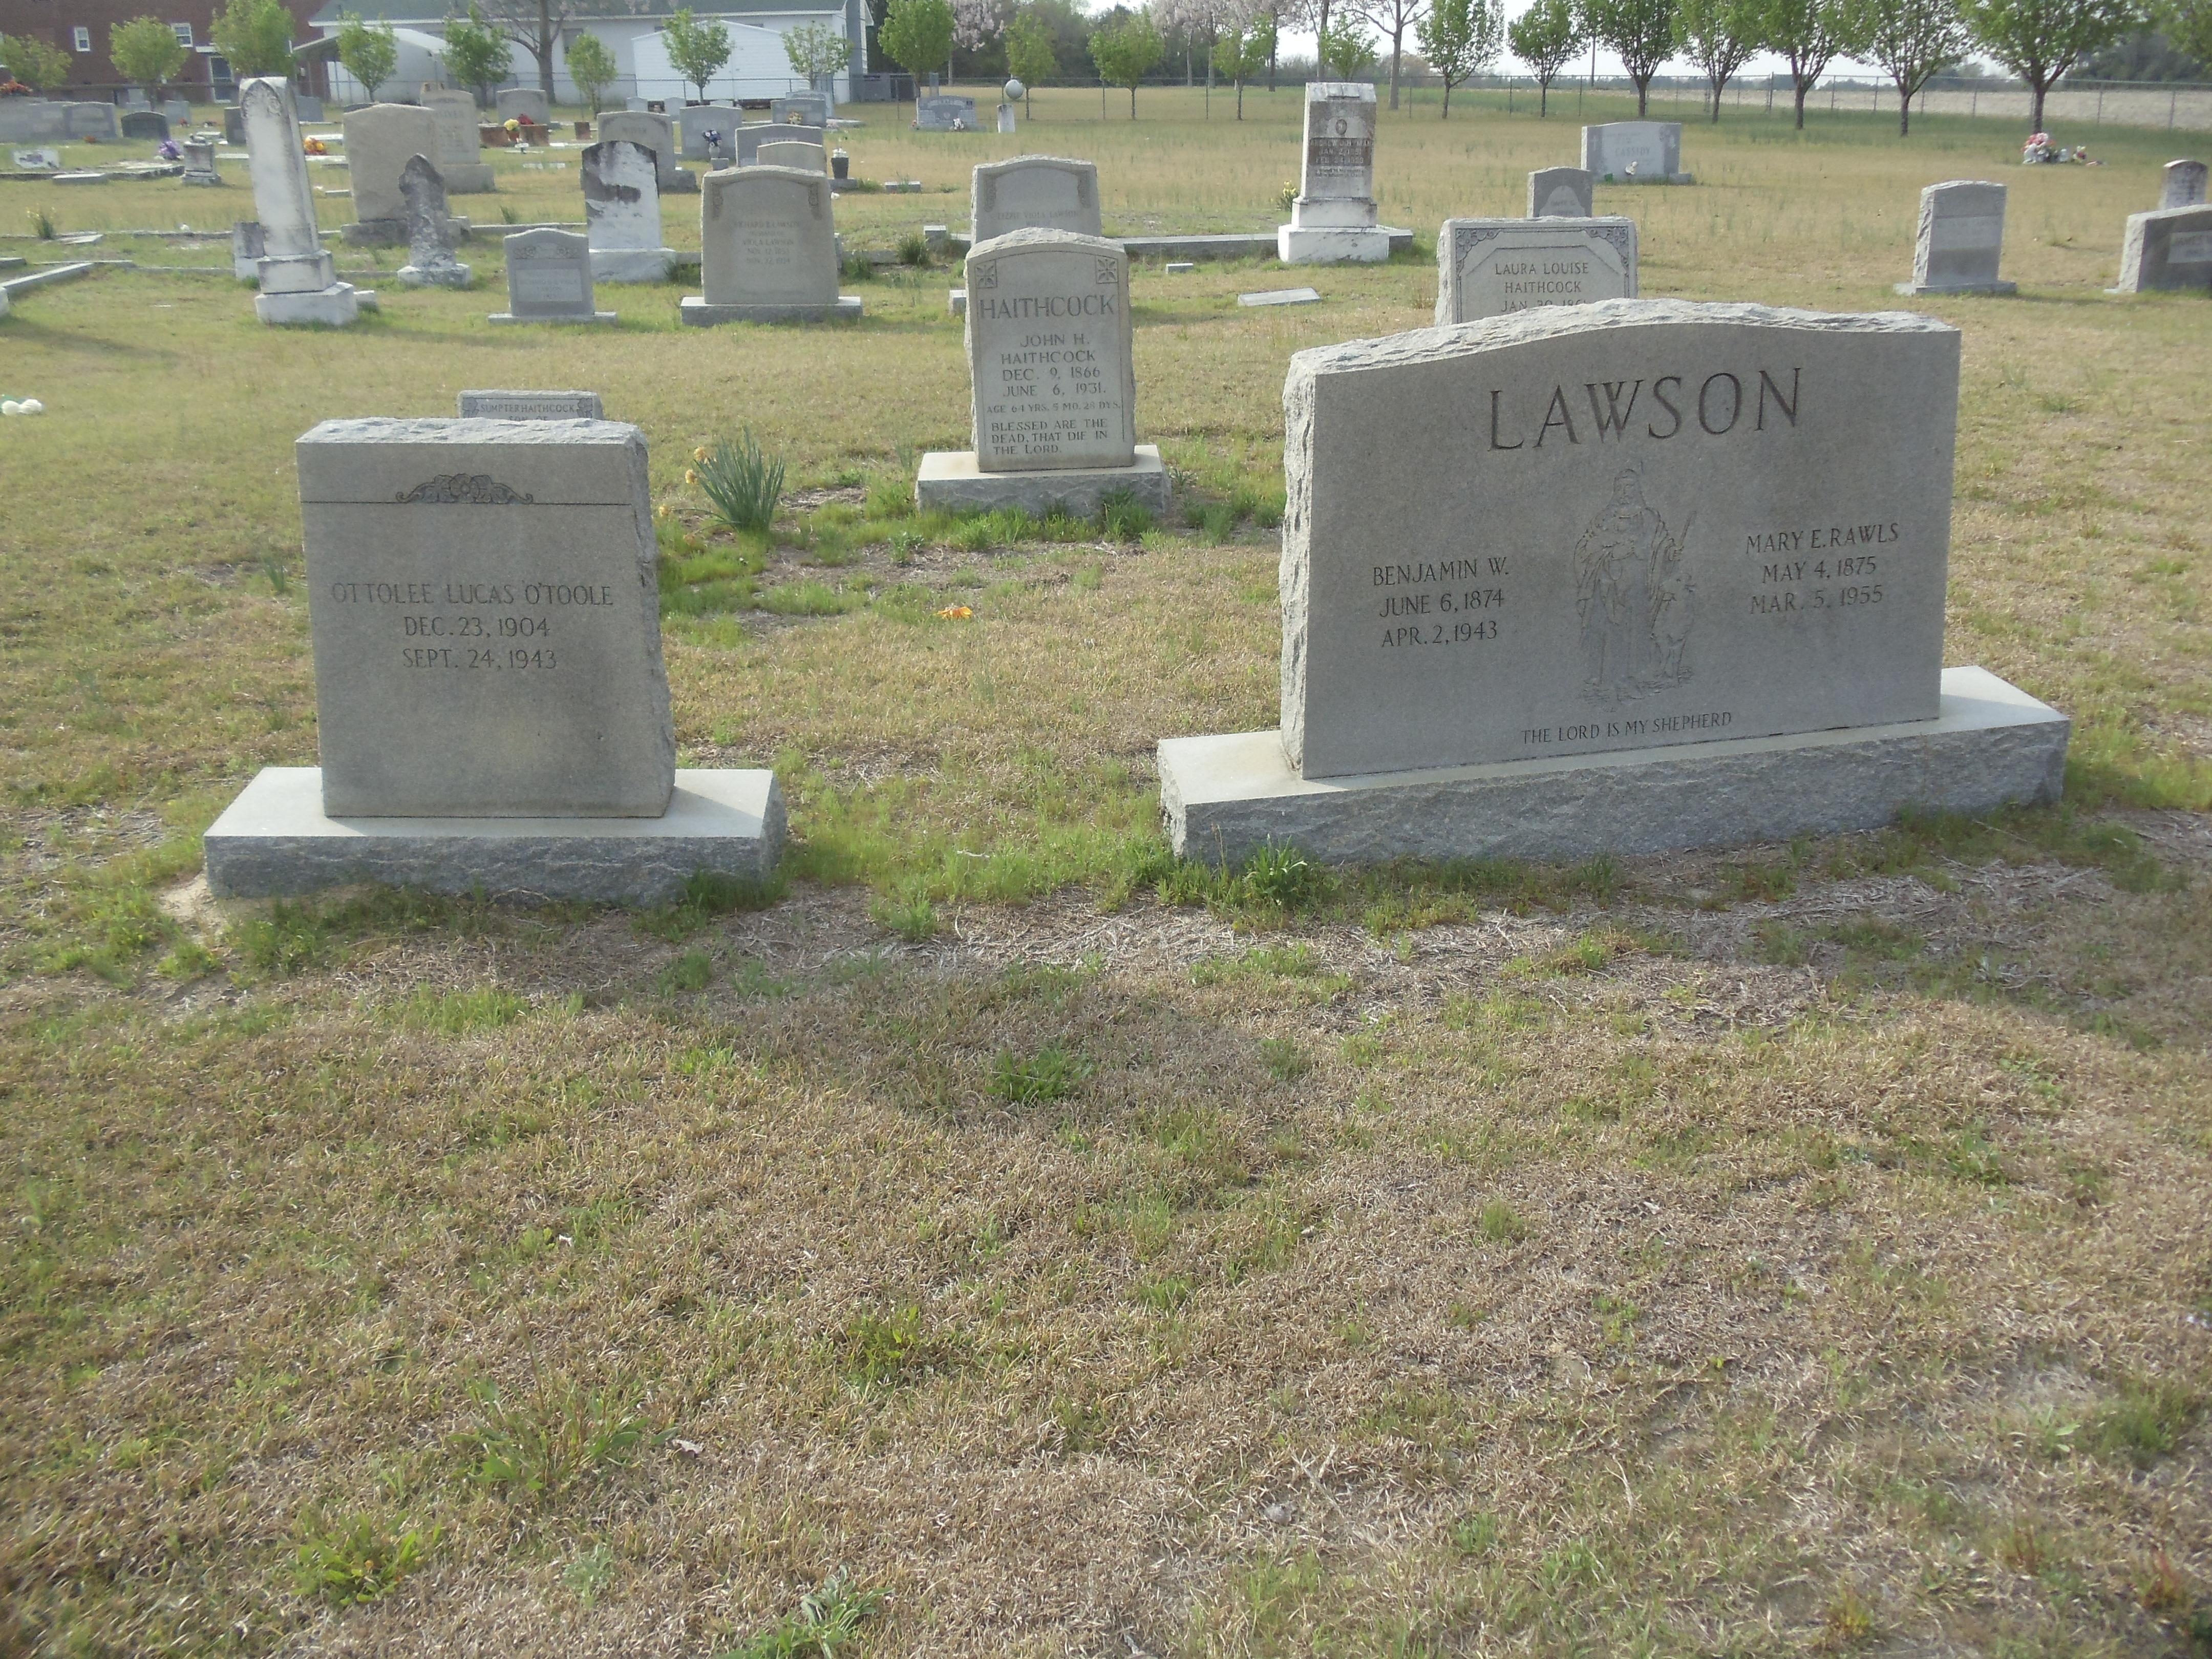 Benjamin Webster Lawson